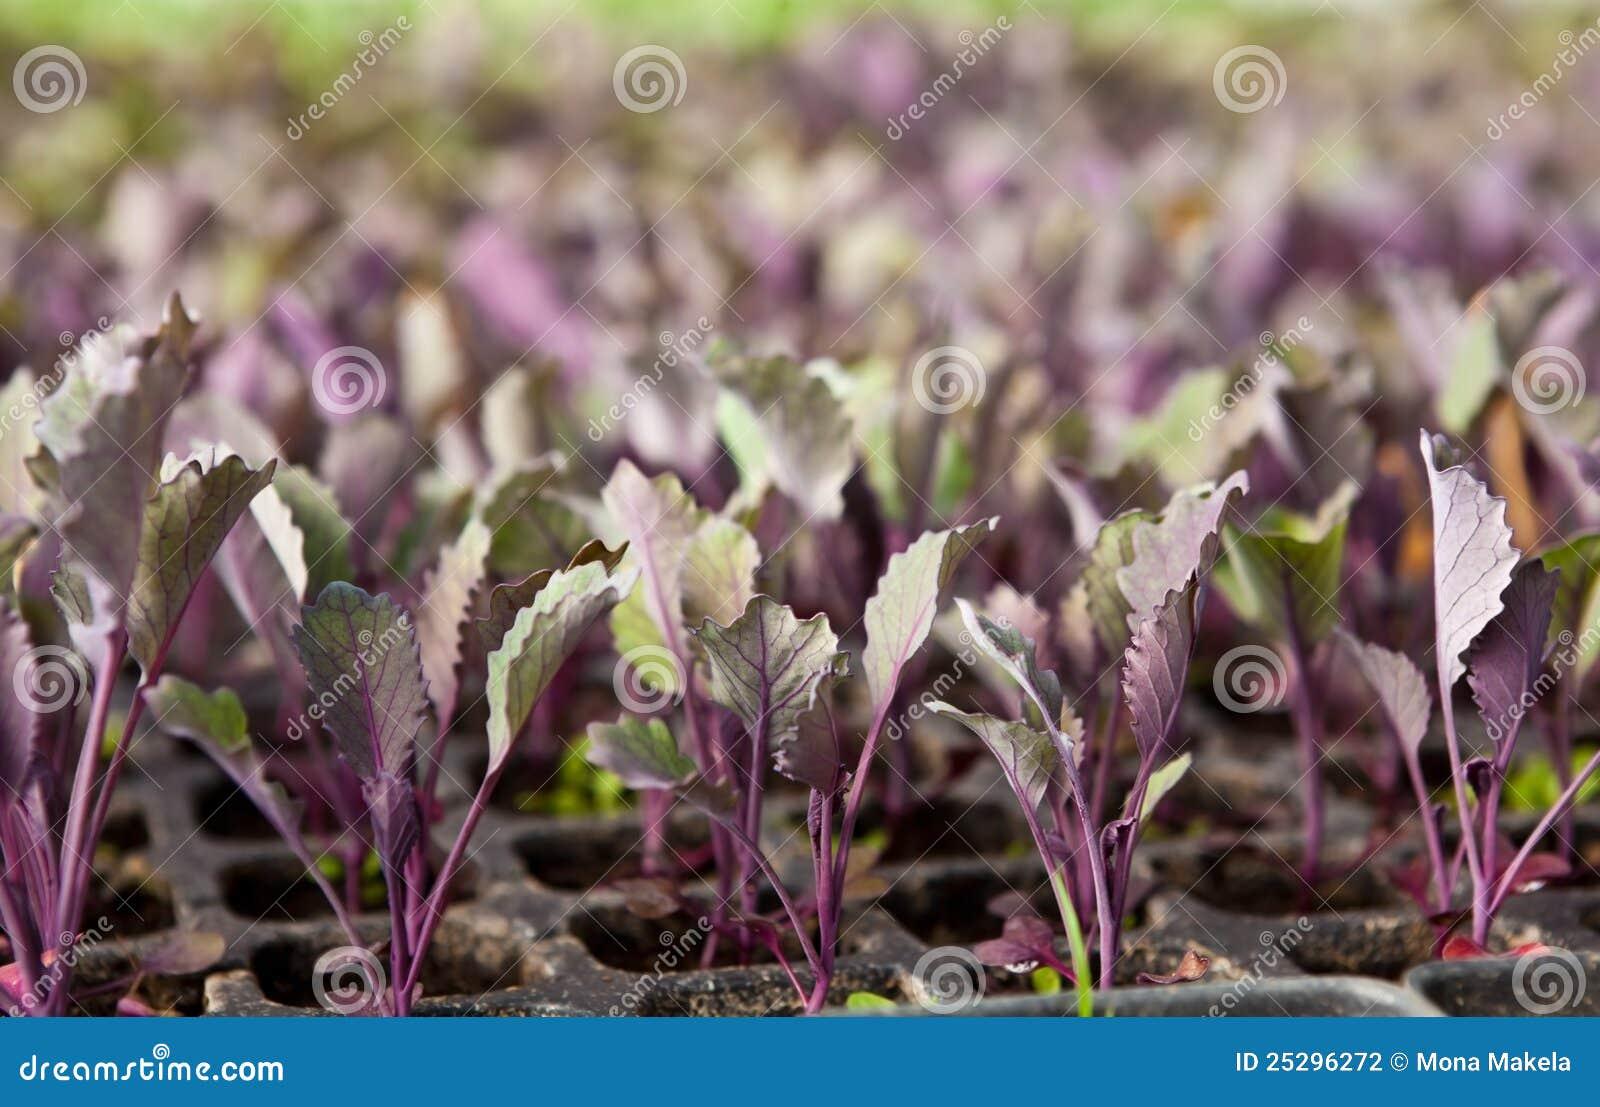 Kålredplantor